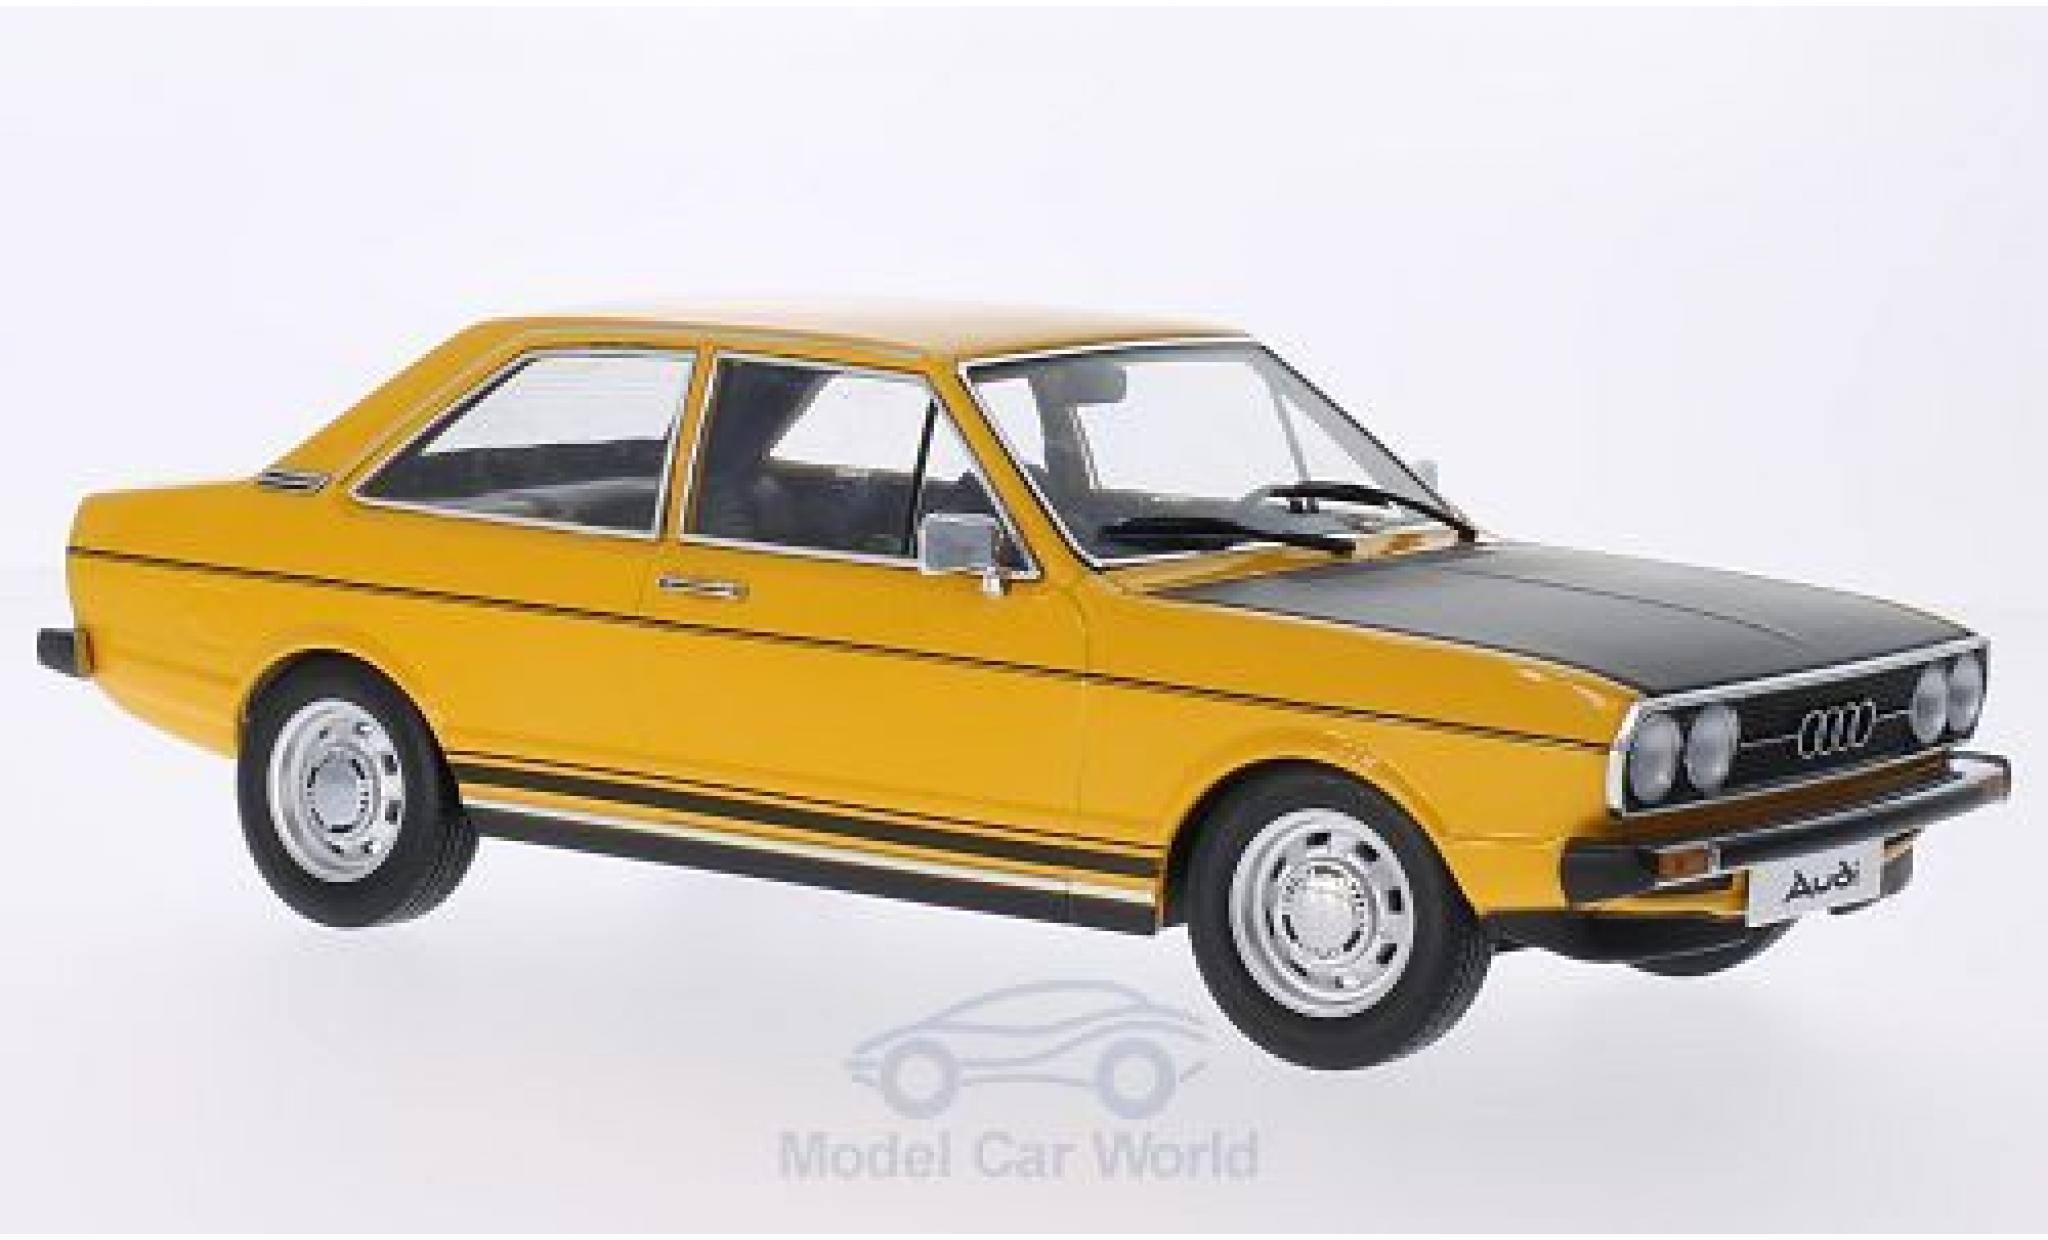 Audi 80 1/18 KK Scale GTE jaune/matt-noire Türen und Hauben sind nicht zu öffnen